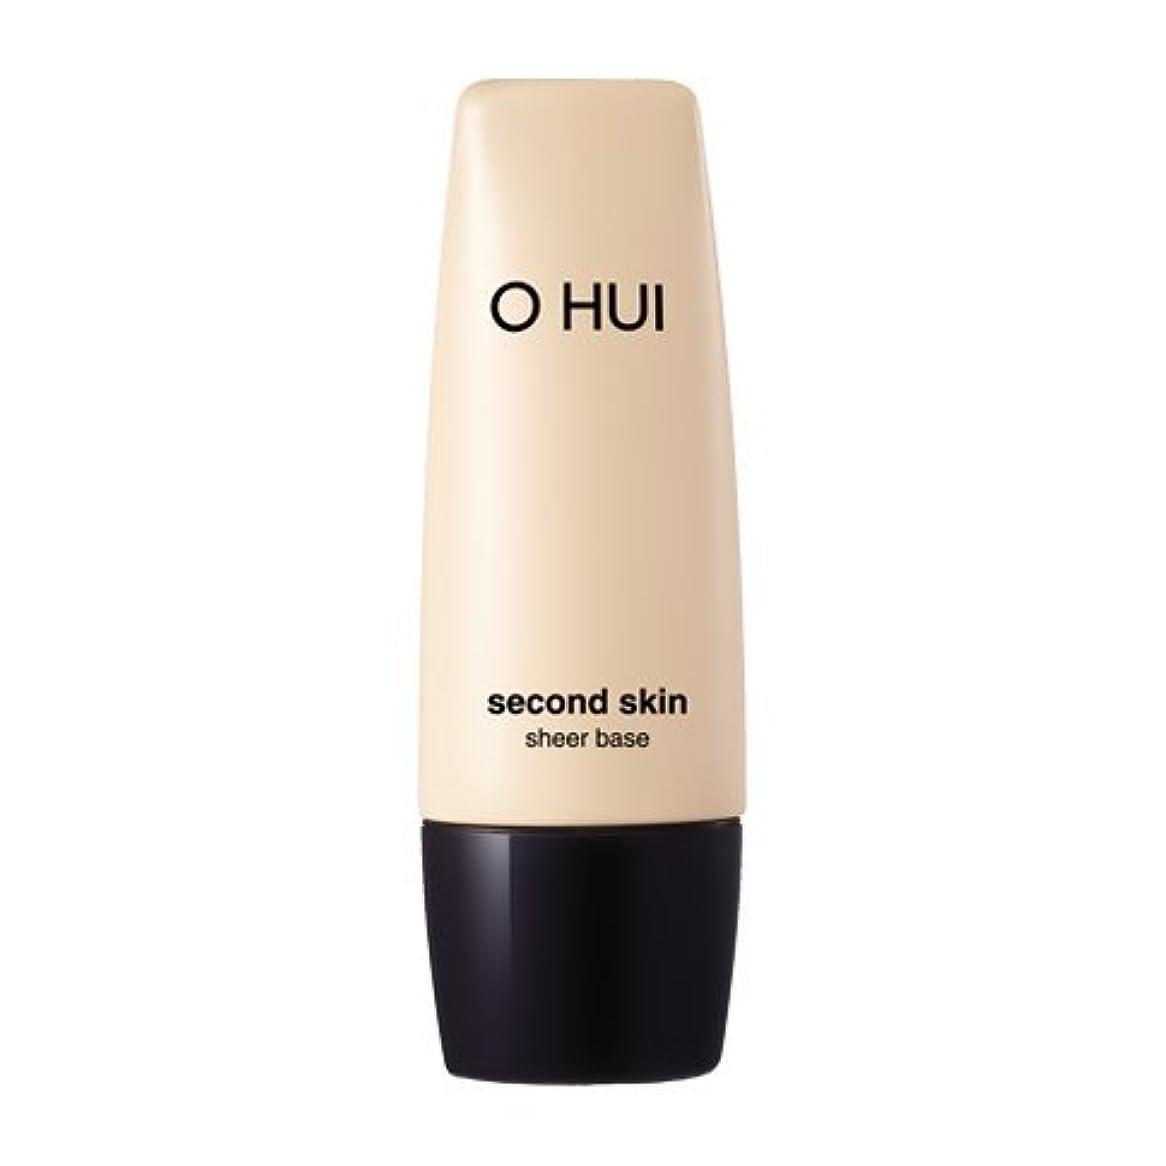 手錠液化する船上OHUI Second Skin Sheer Base 40ml/オフィ セカンド スキン シア ベース 40ml